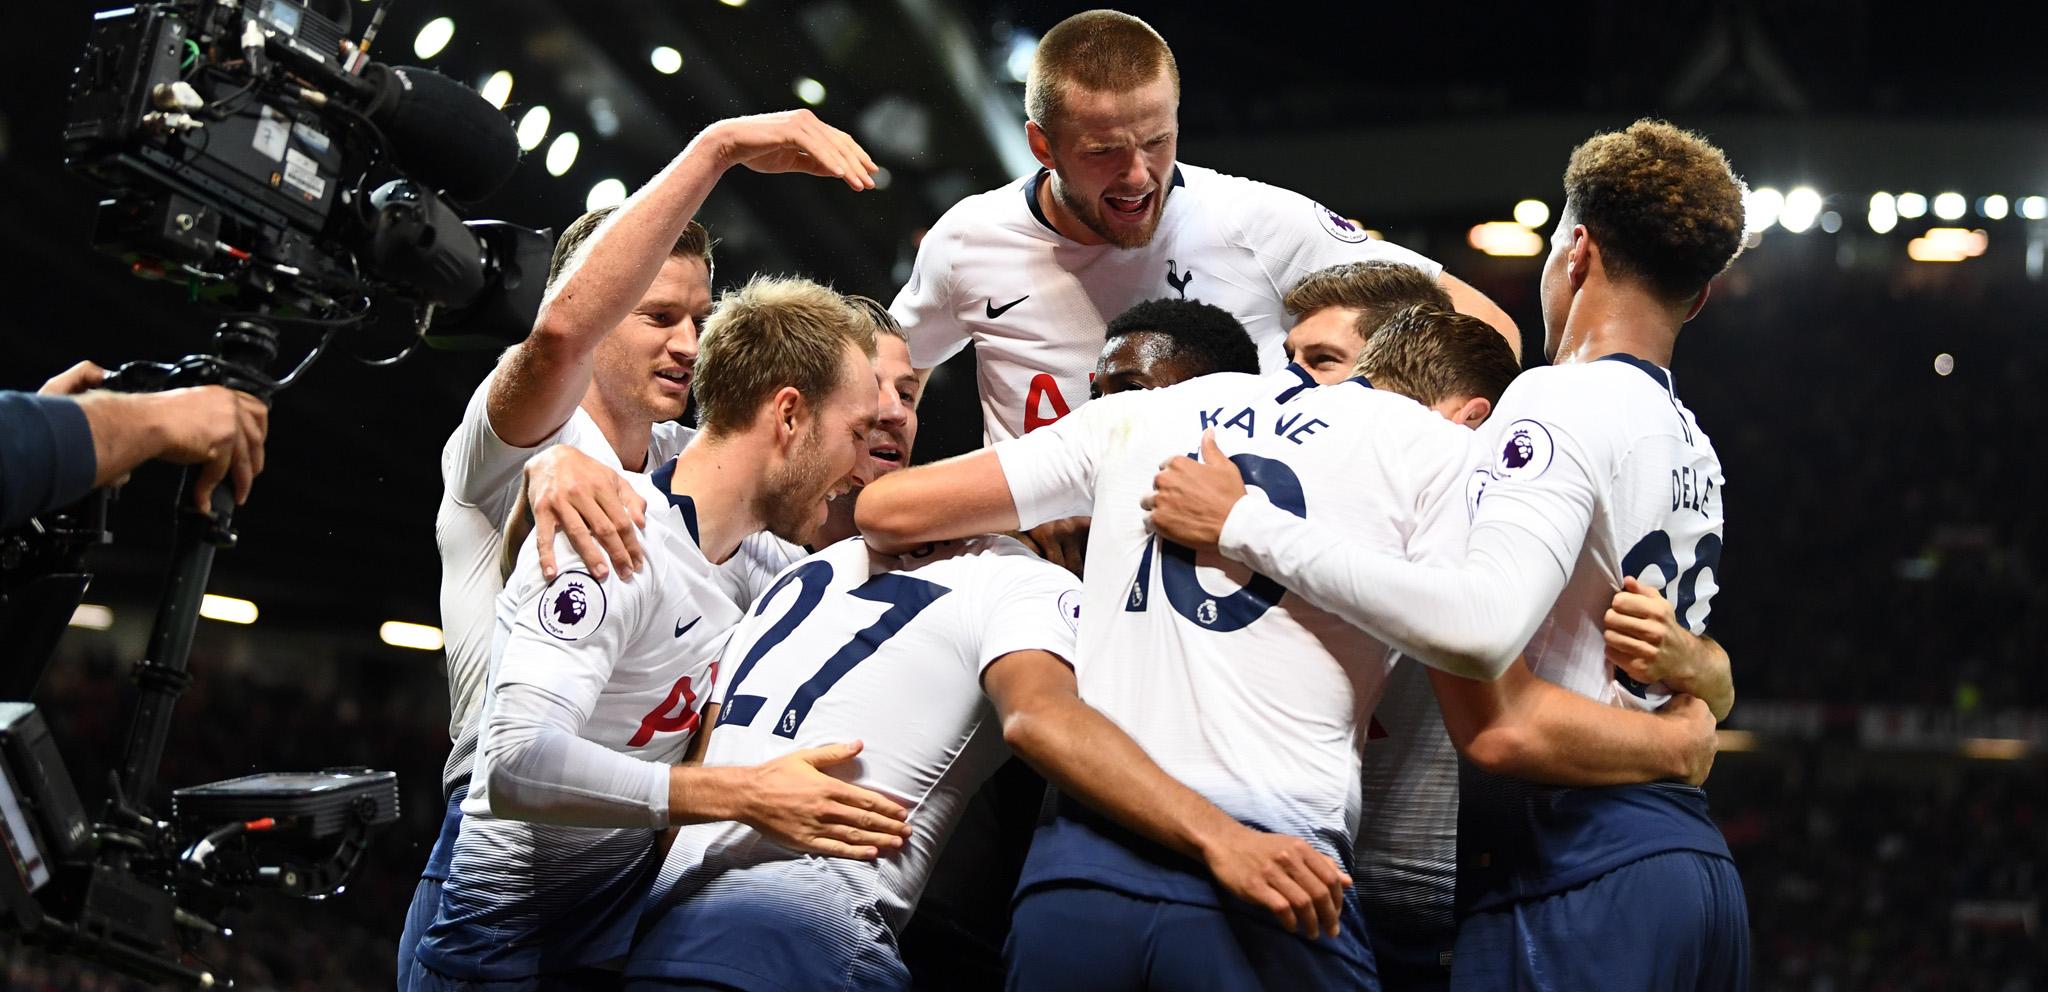 Fixtures 2019/20 - list in full